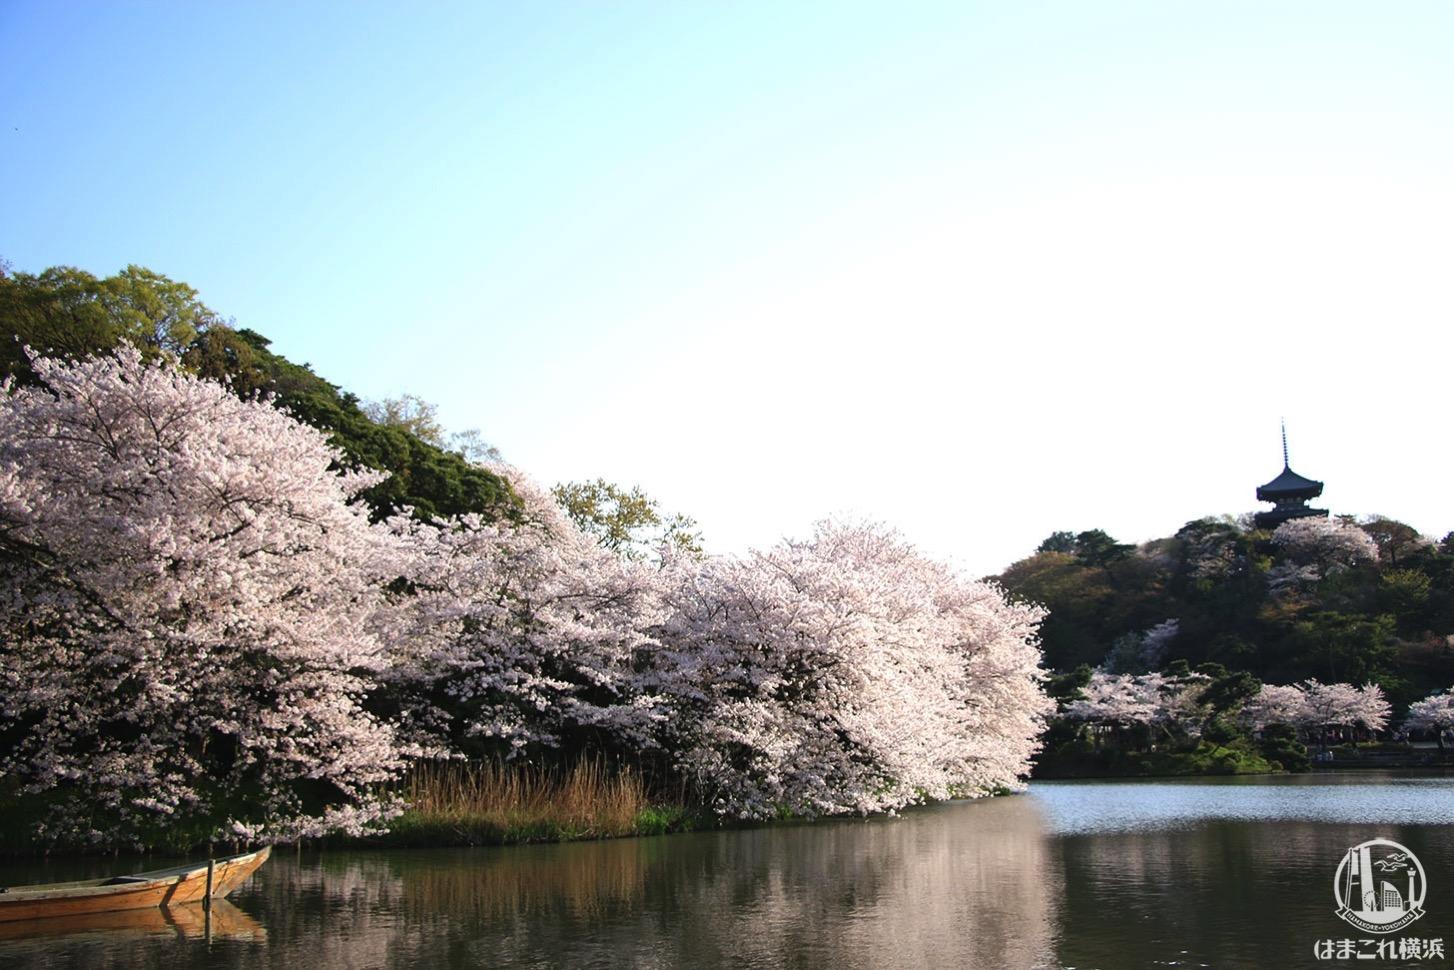 三渓園の桜レポ 横浜で和の佇まいと桜のコラボが楽しめる品の良いお花見スポット